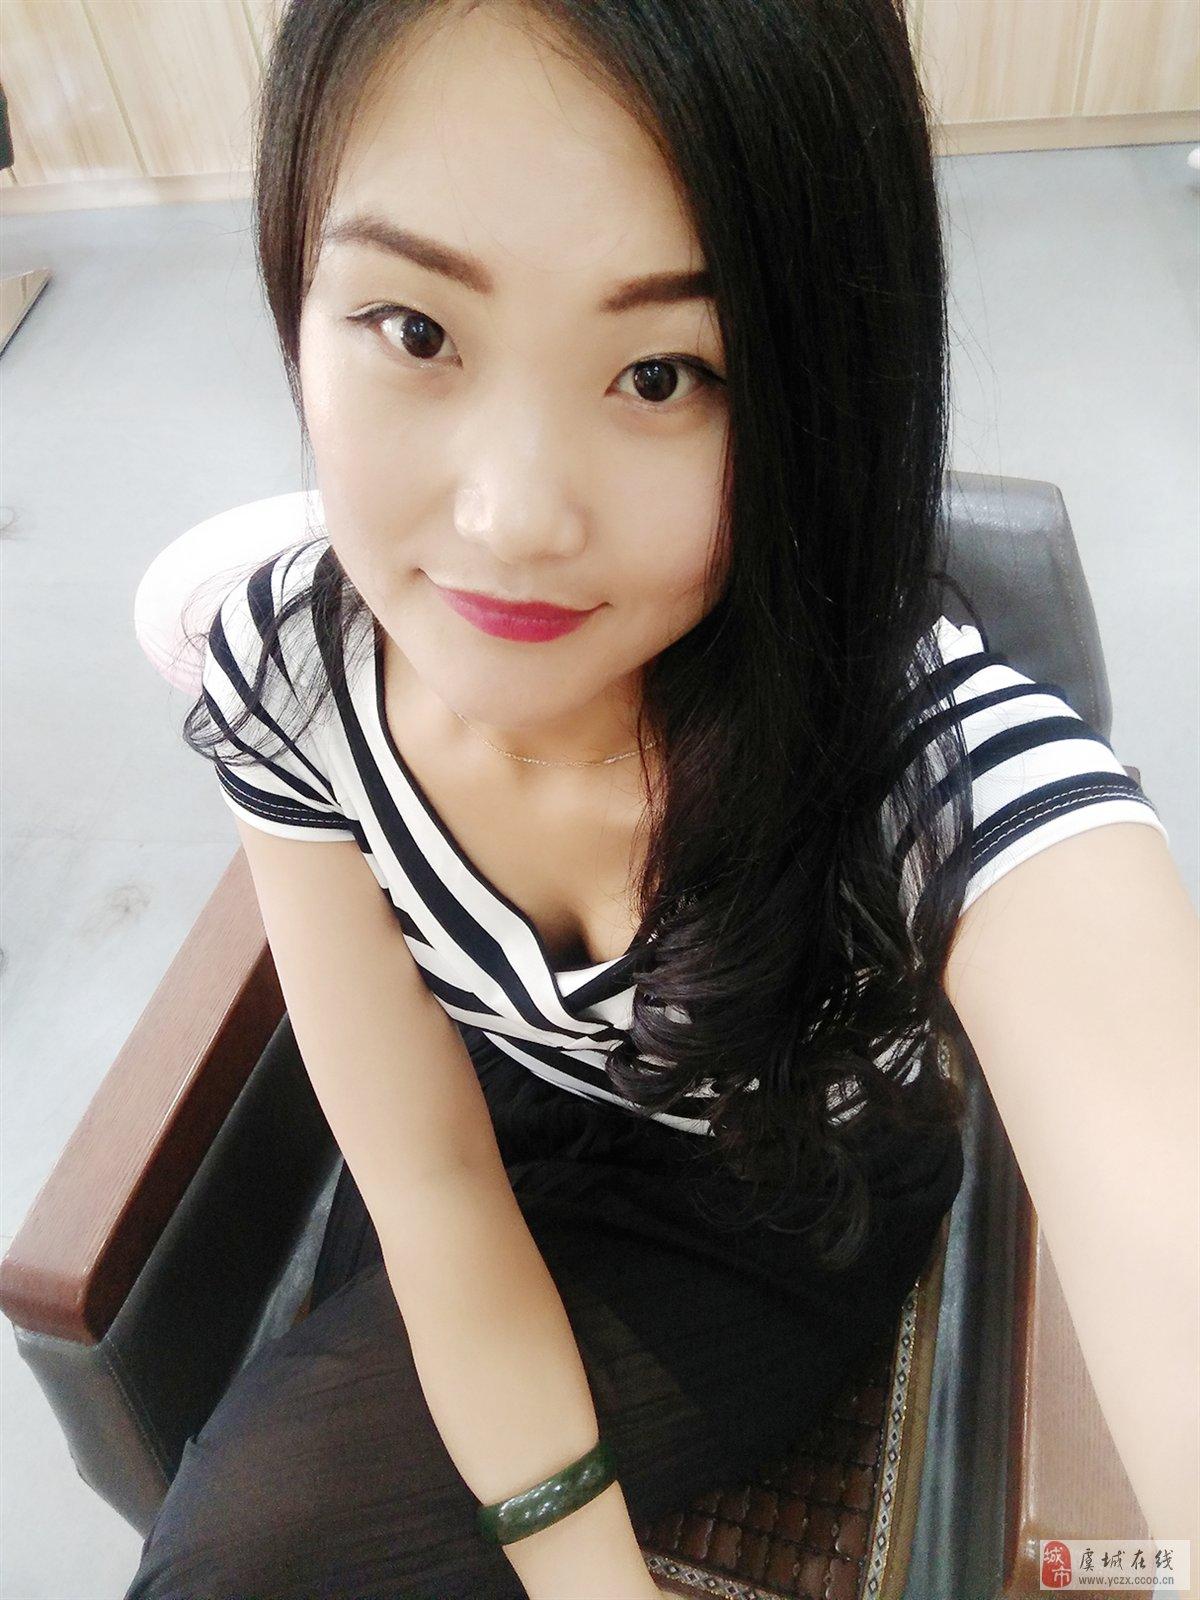 【美女秀场】孔菲 27岁 双子座 销售